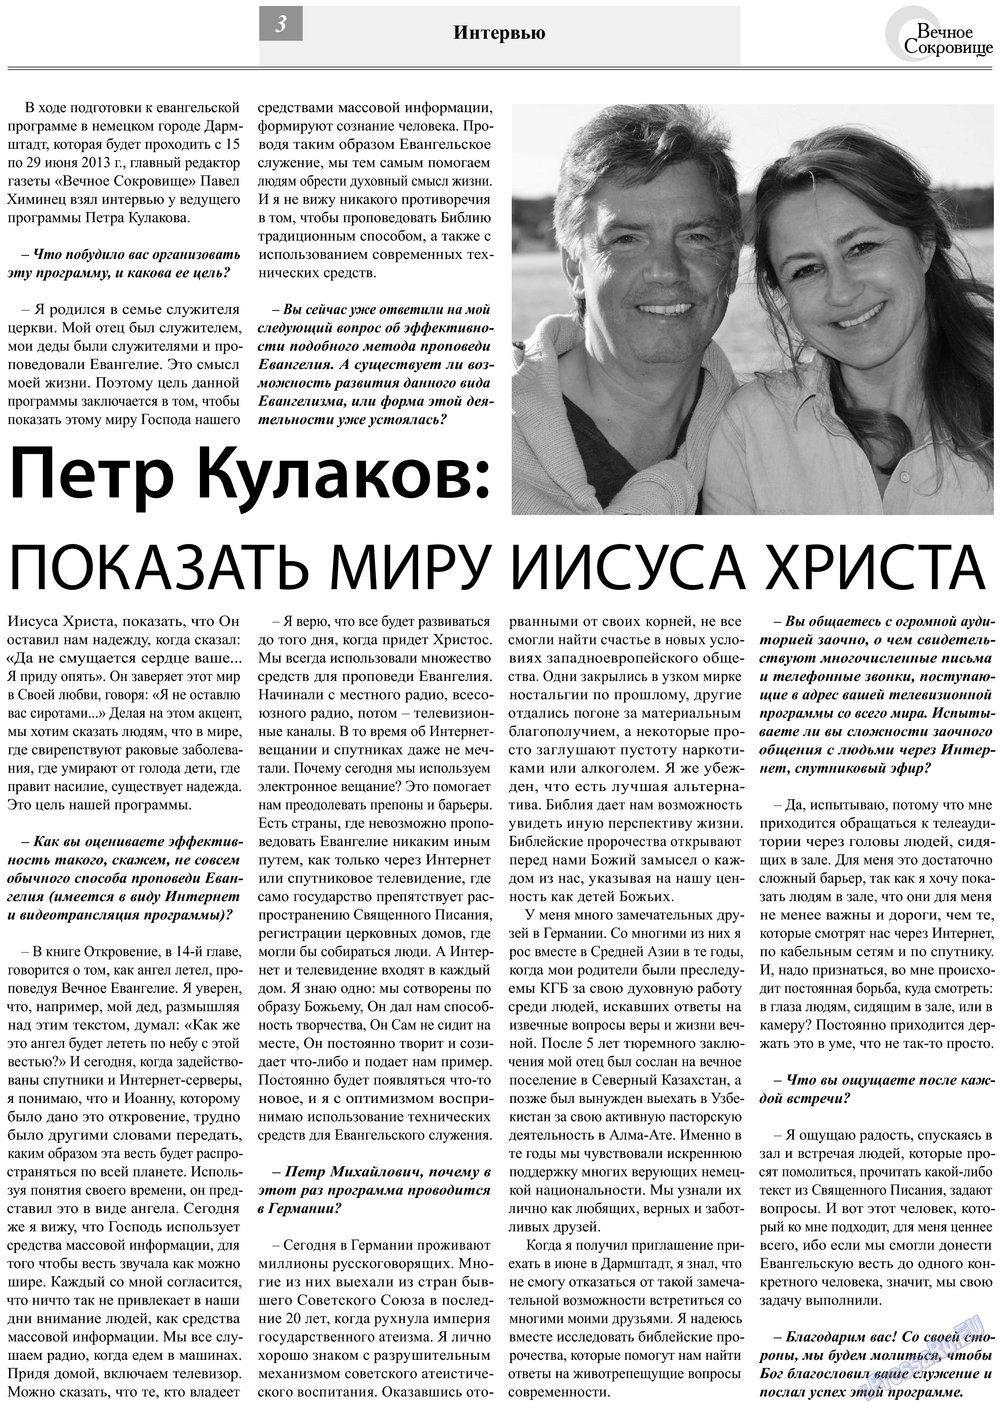 Вечное сокровище (газета). 2013 год, номер 3, стр. 3